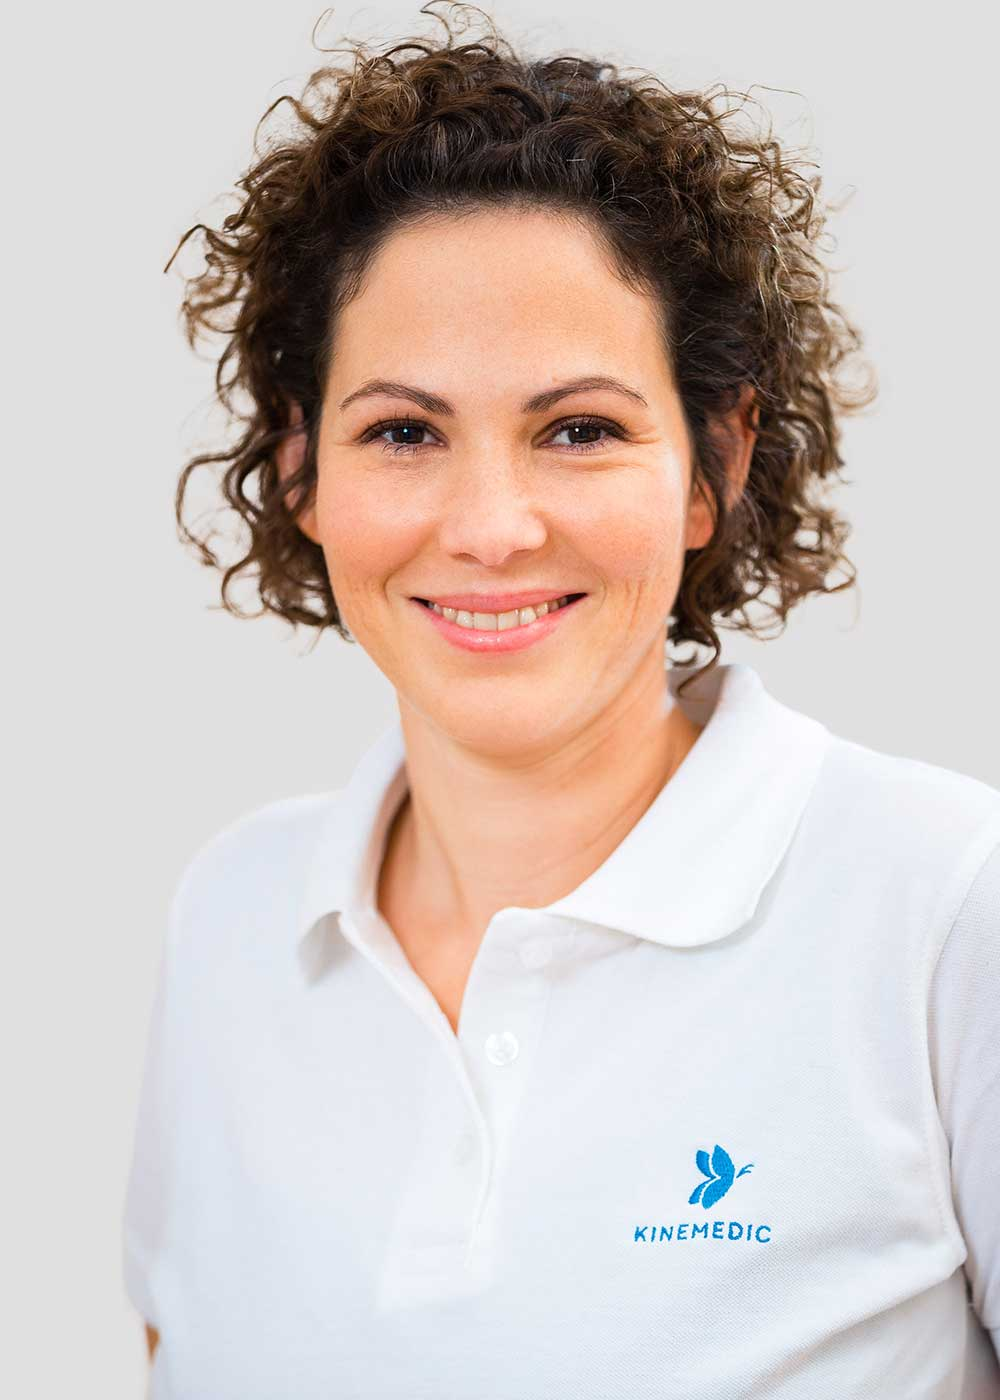 Dr. Valerie Gartner